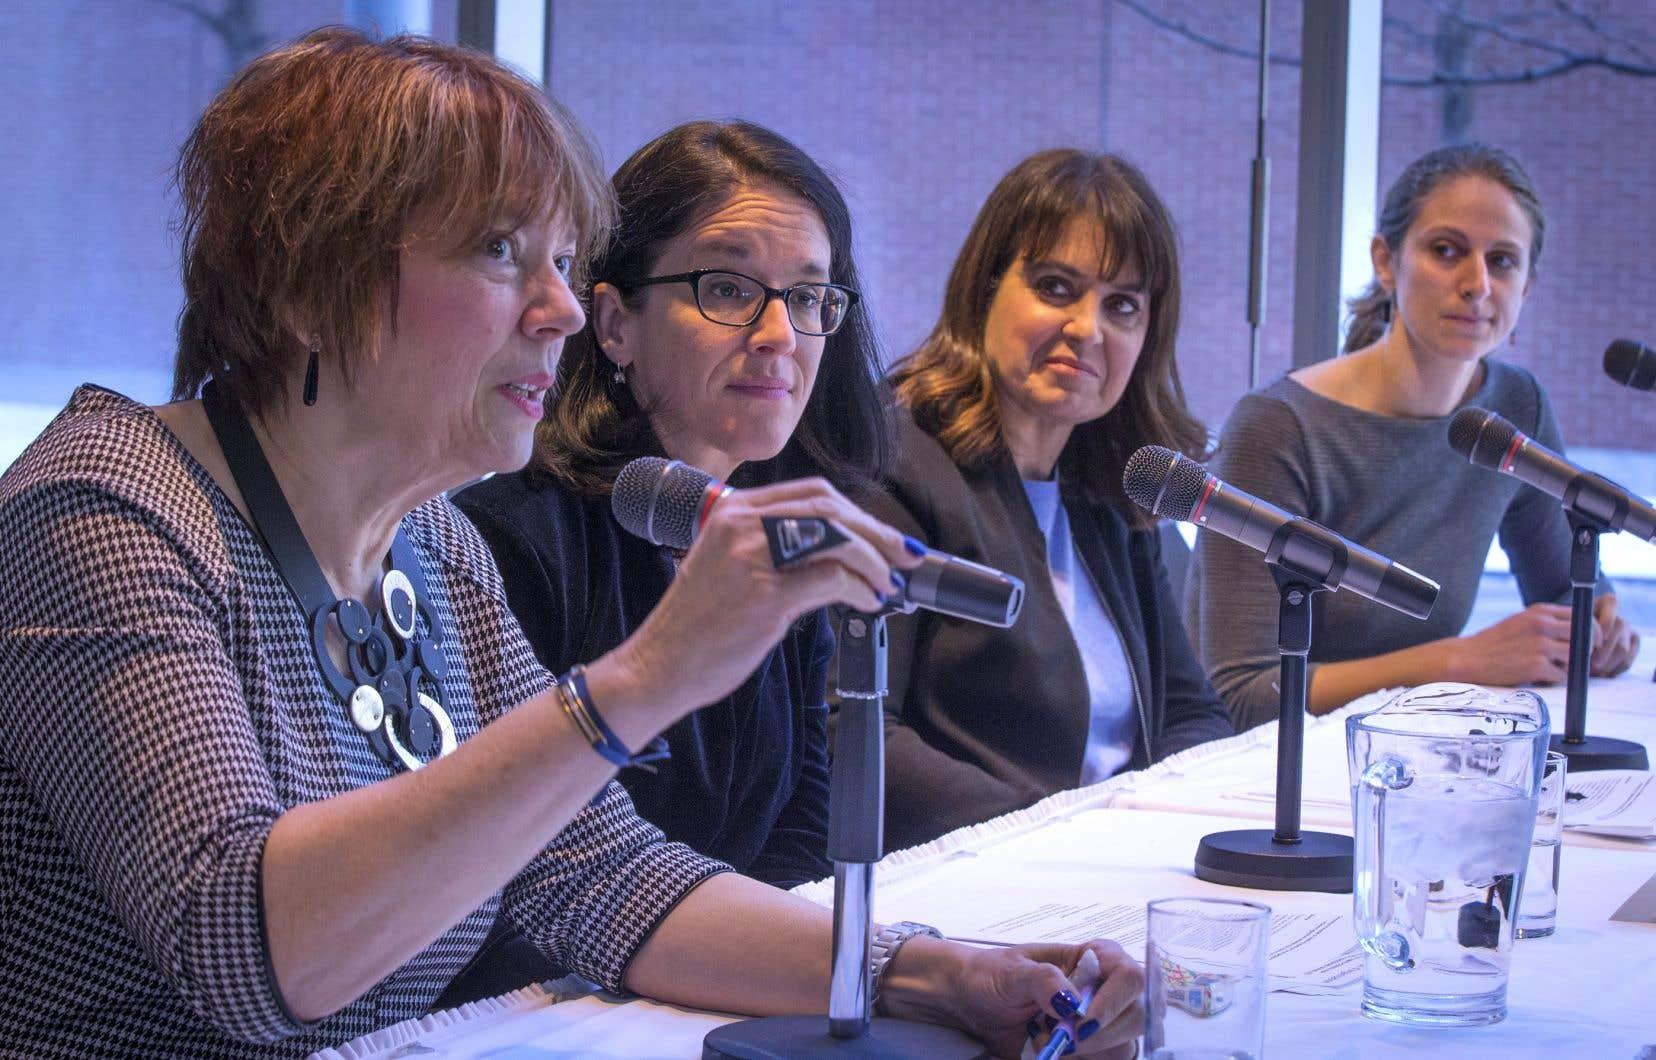 L'annonce a été faite lundi à Montréal par la députée libérale Hélène David, la ministre de la Justice, Sonia LeBel, la députée péquiste Véronique Hivon et la députée solidaire Christine Labrie.